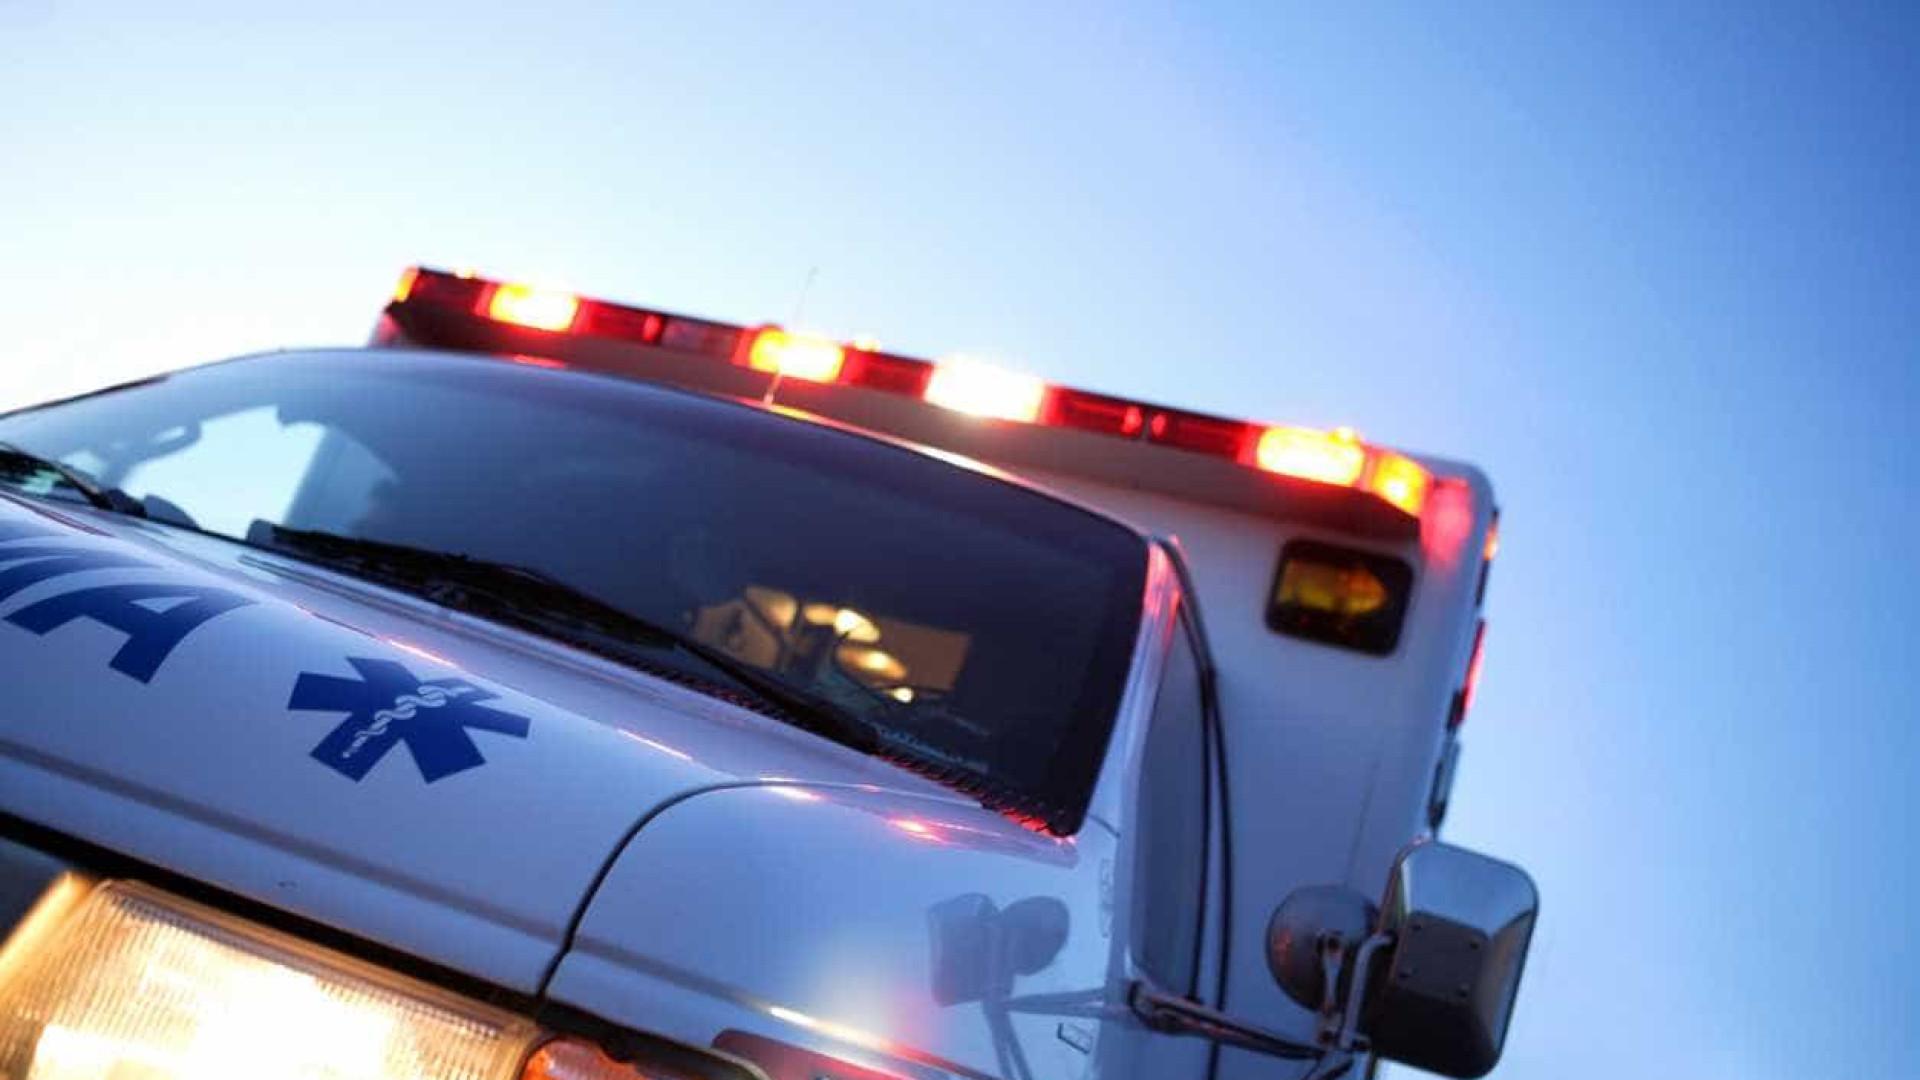 Criança de sete anos morre após queda de armário